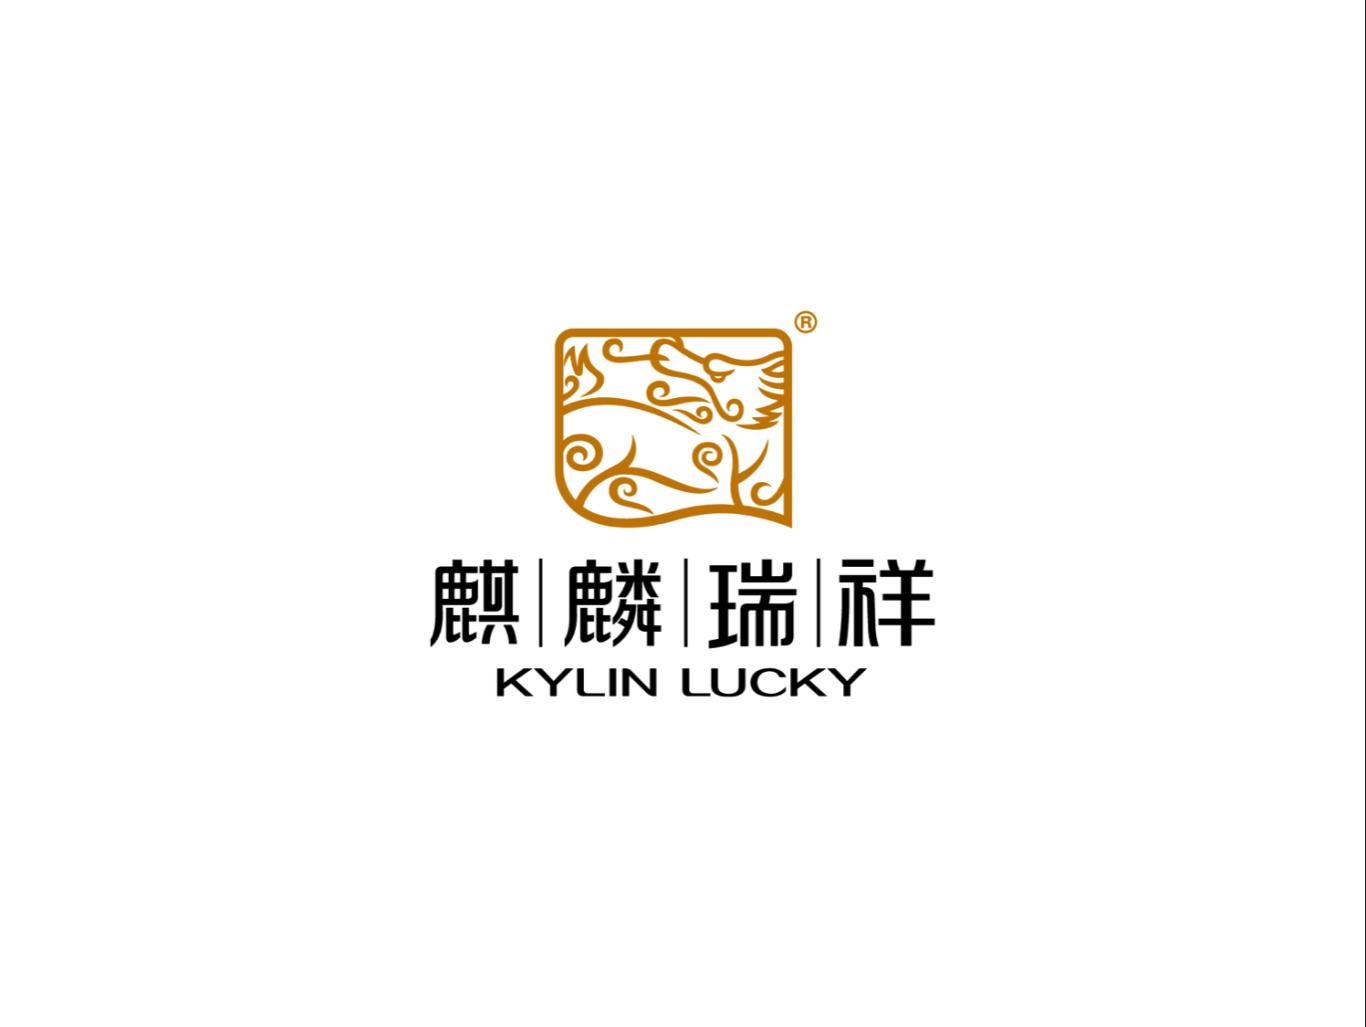 麒麟瑞祥珠宝 logo设计图2